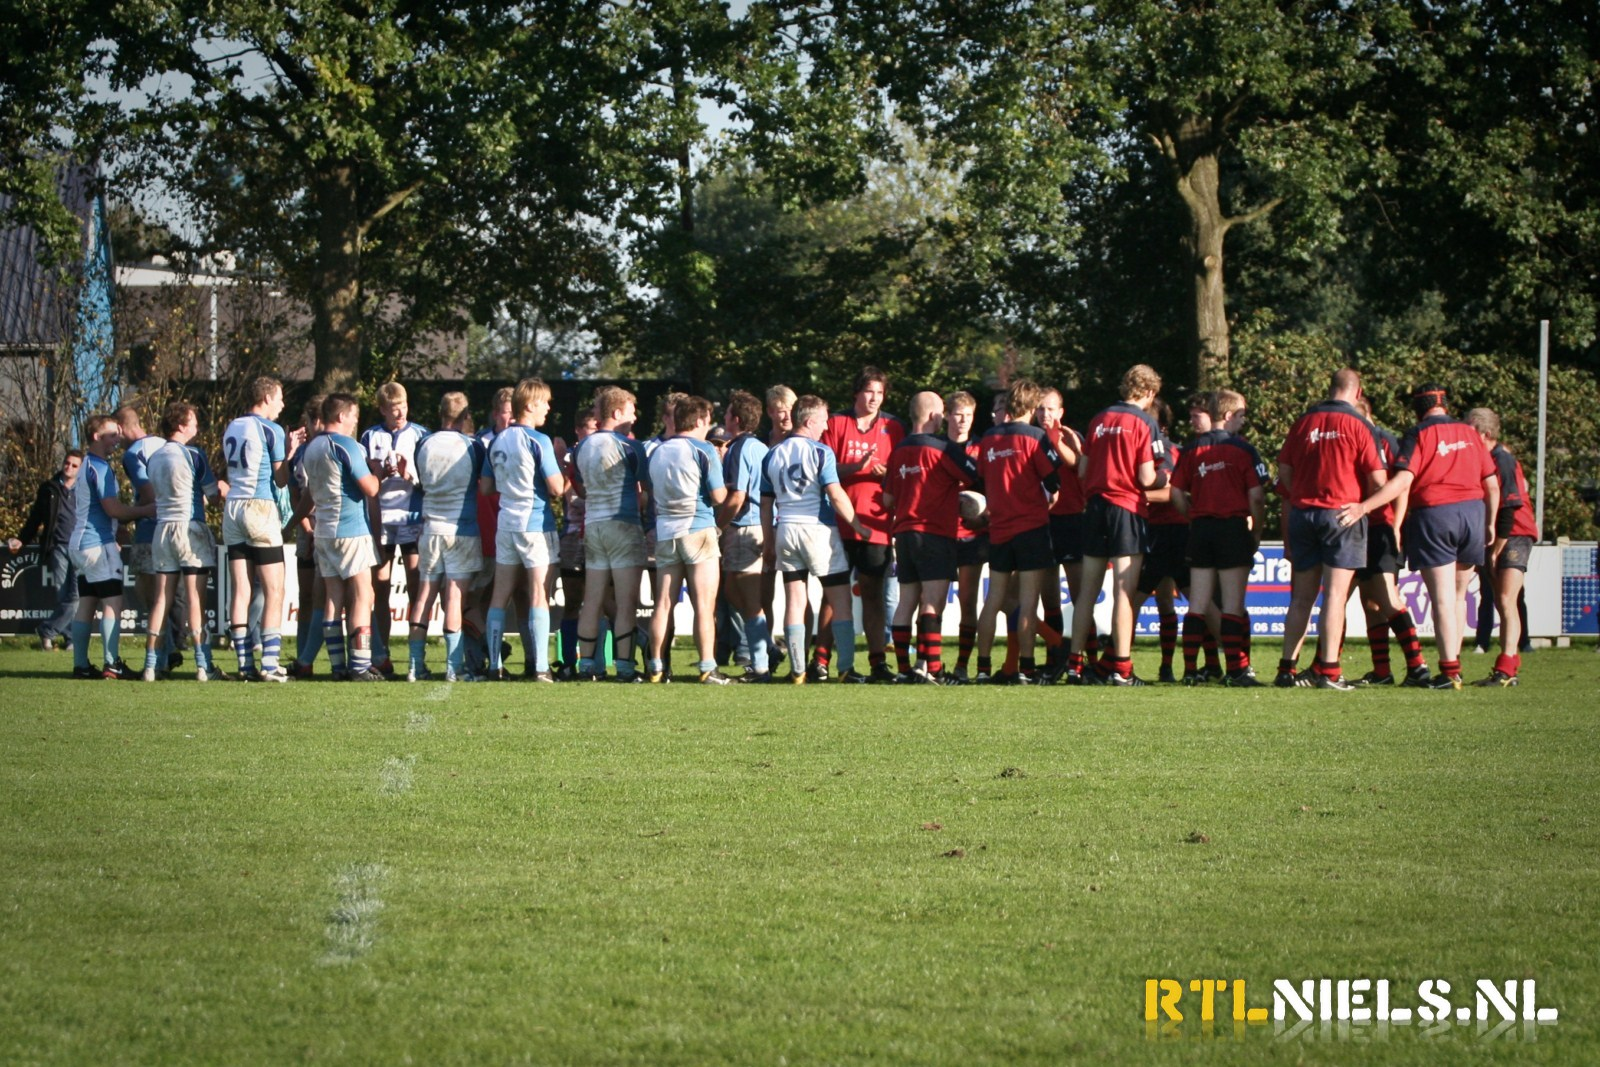 2011-10-15 | RCS – Nieuwegein | 44-17